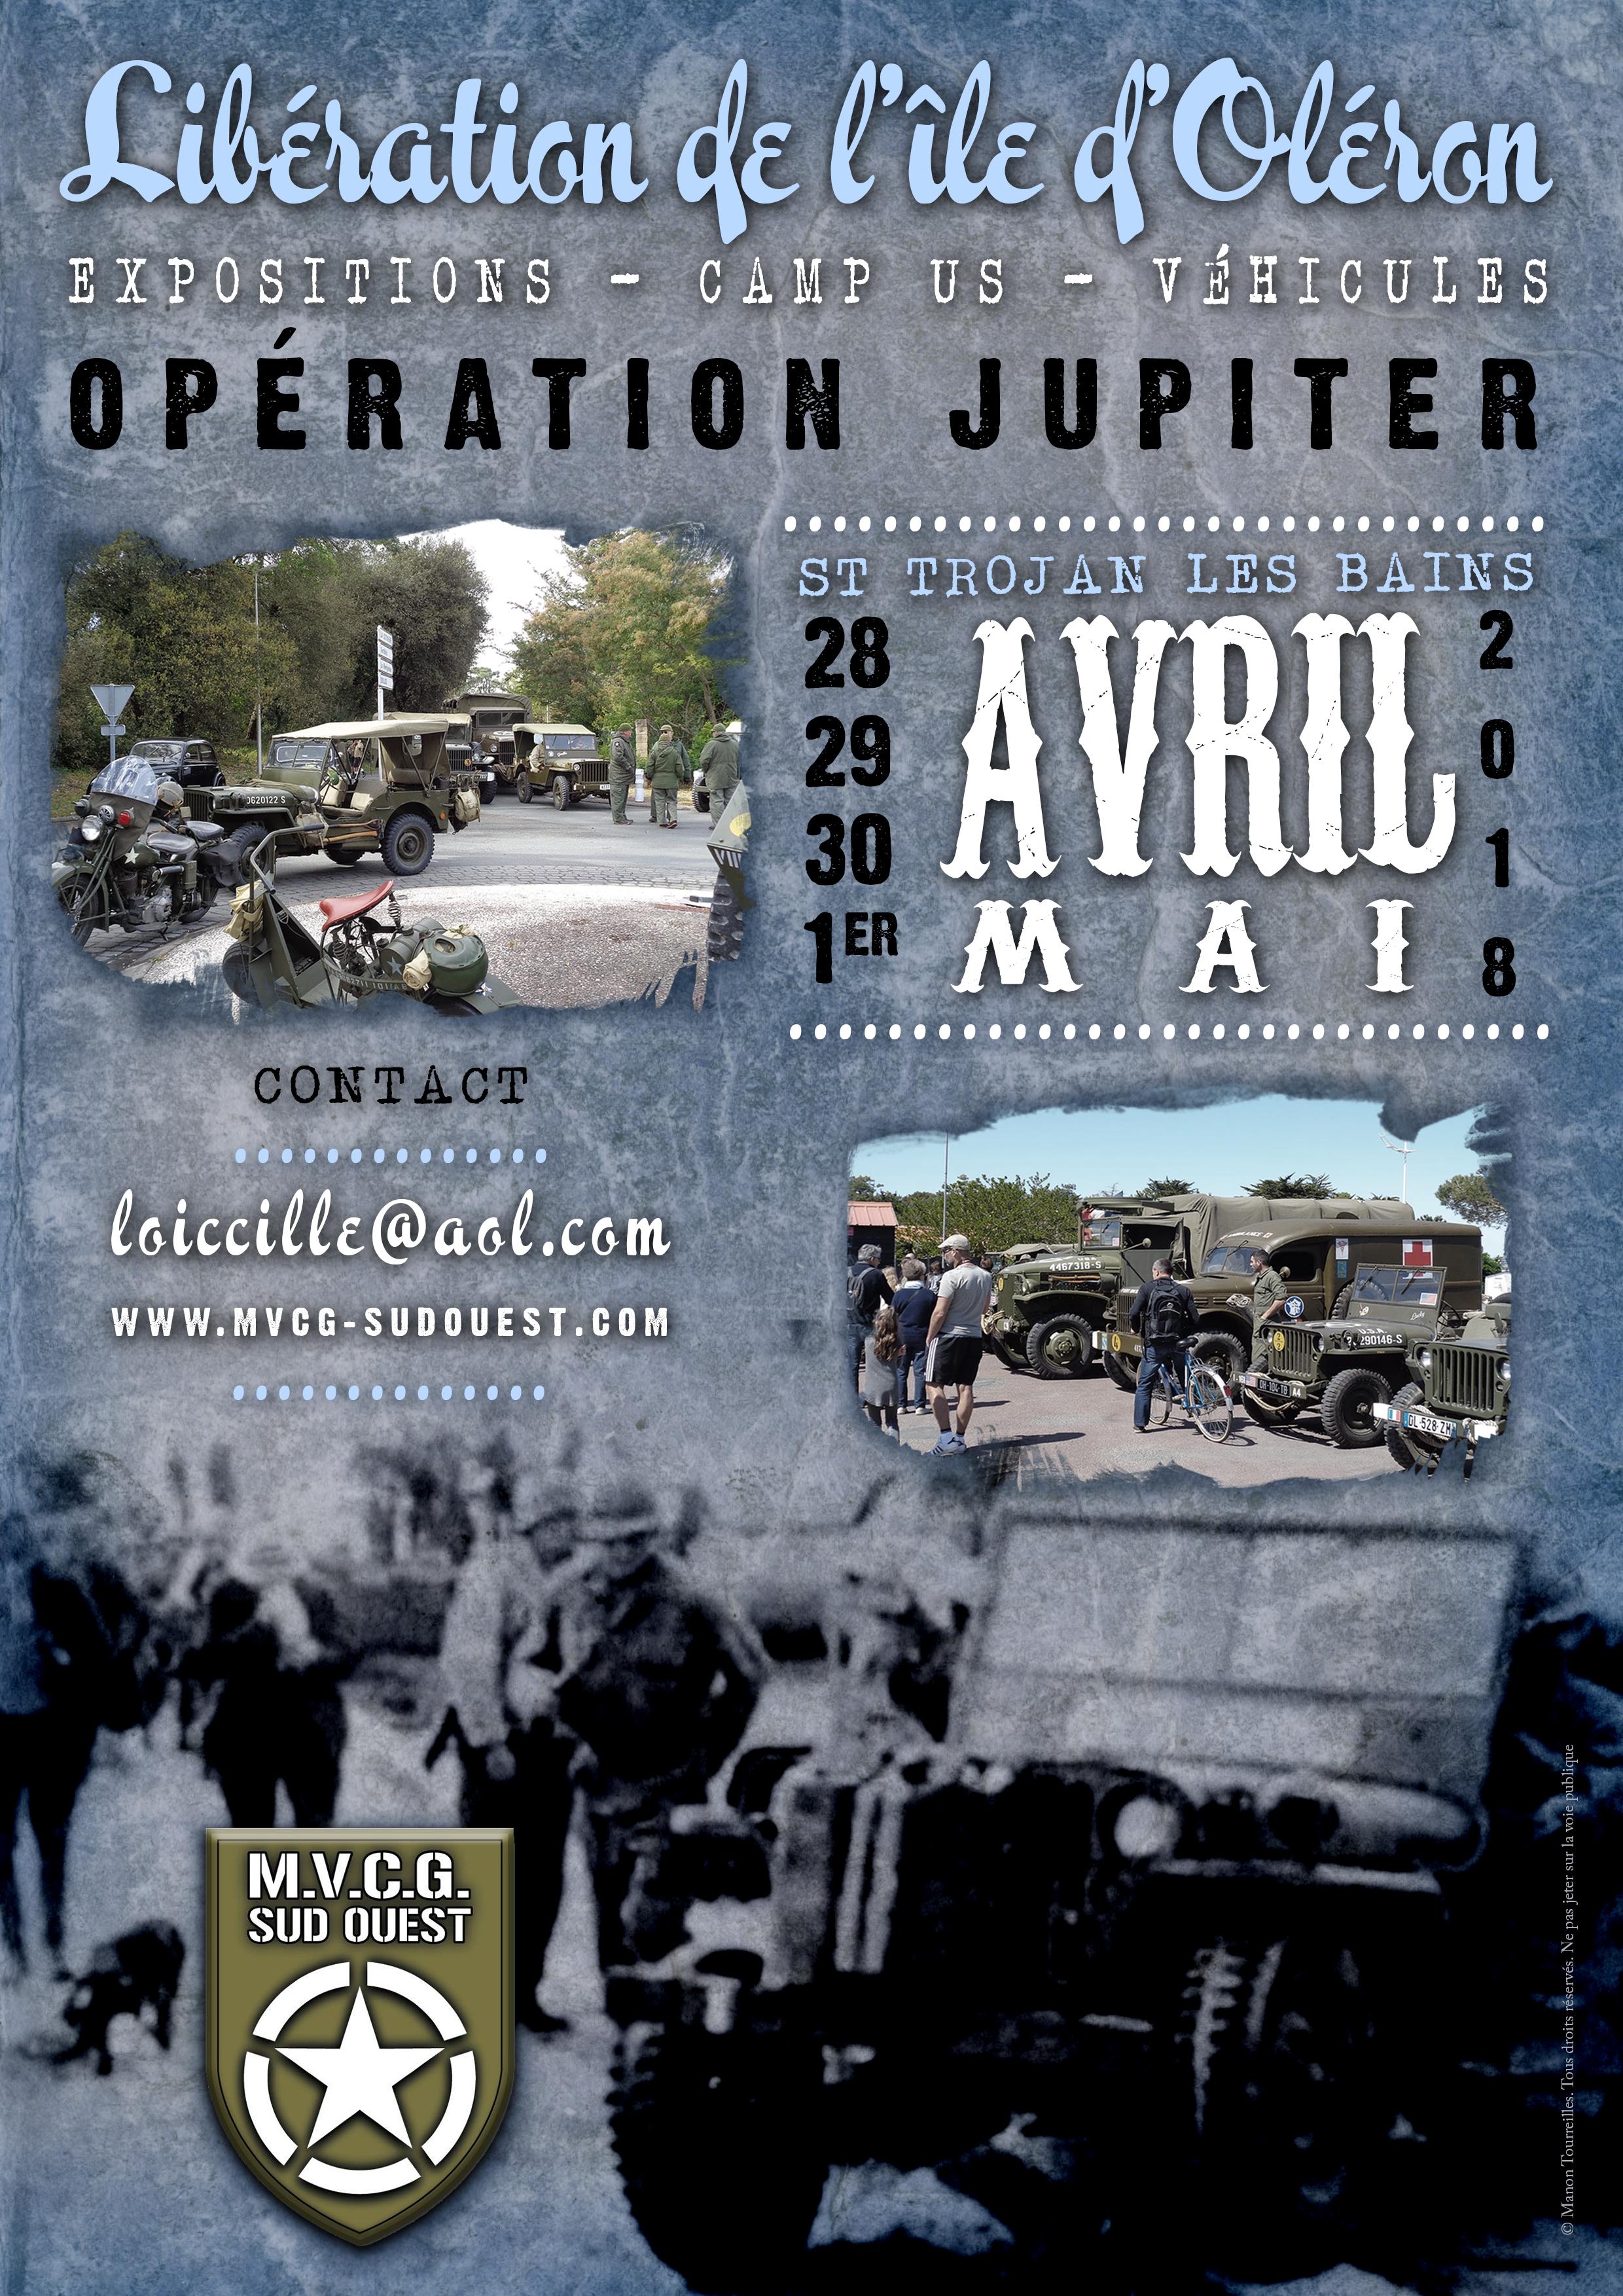 operation_jupiter_oléron_2018